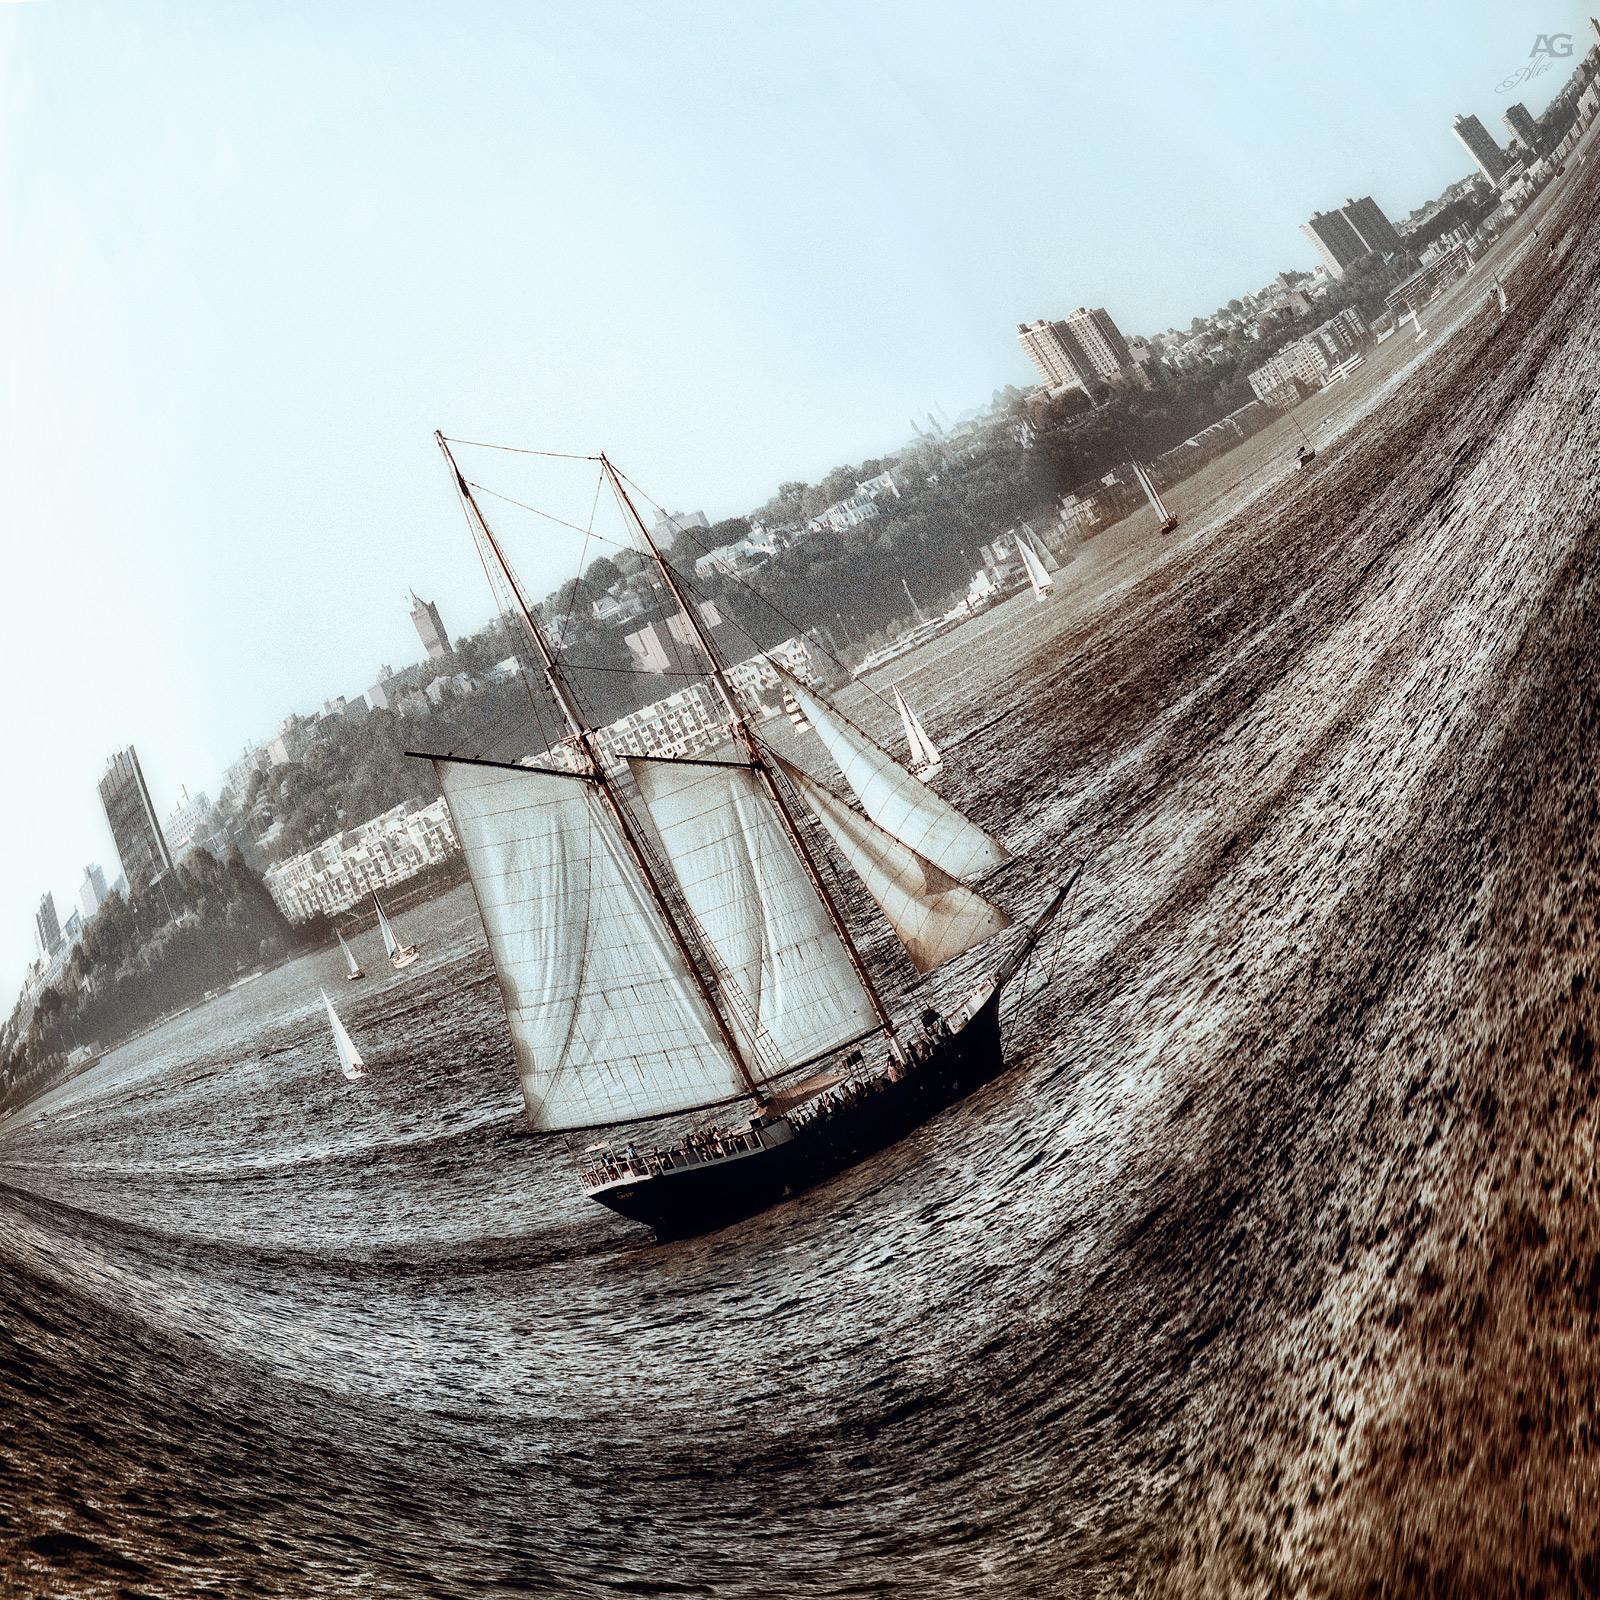 SailboatoNhUDSONfROMgoVERNORSiSLANDTallShip_warped_1600